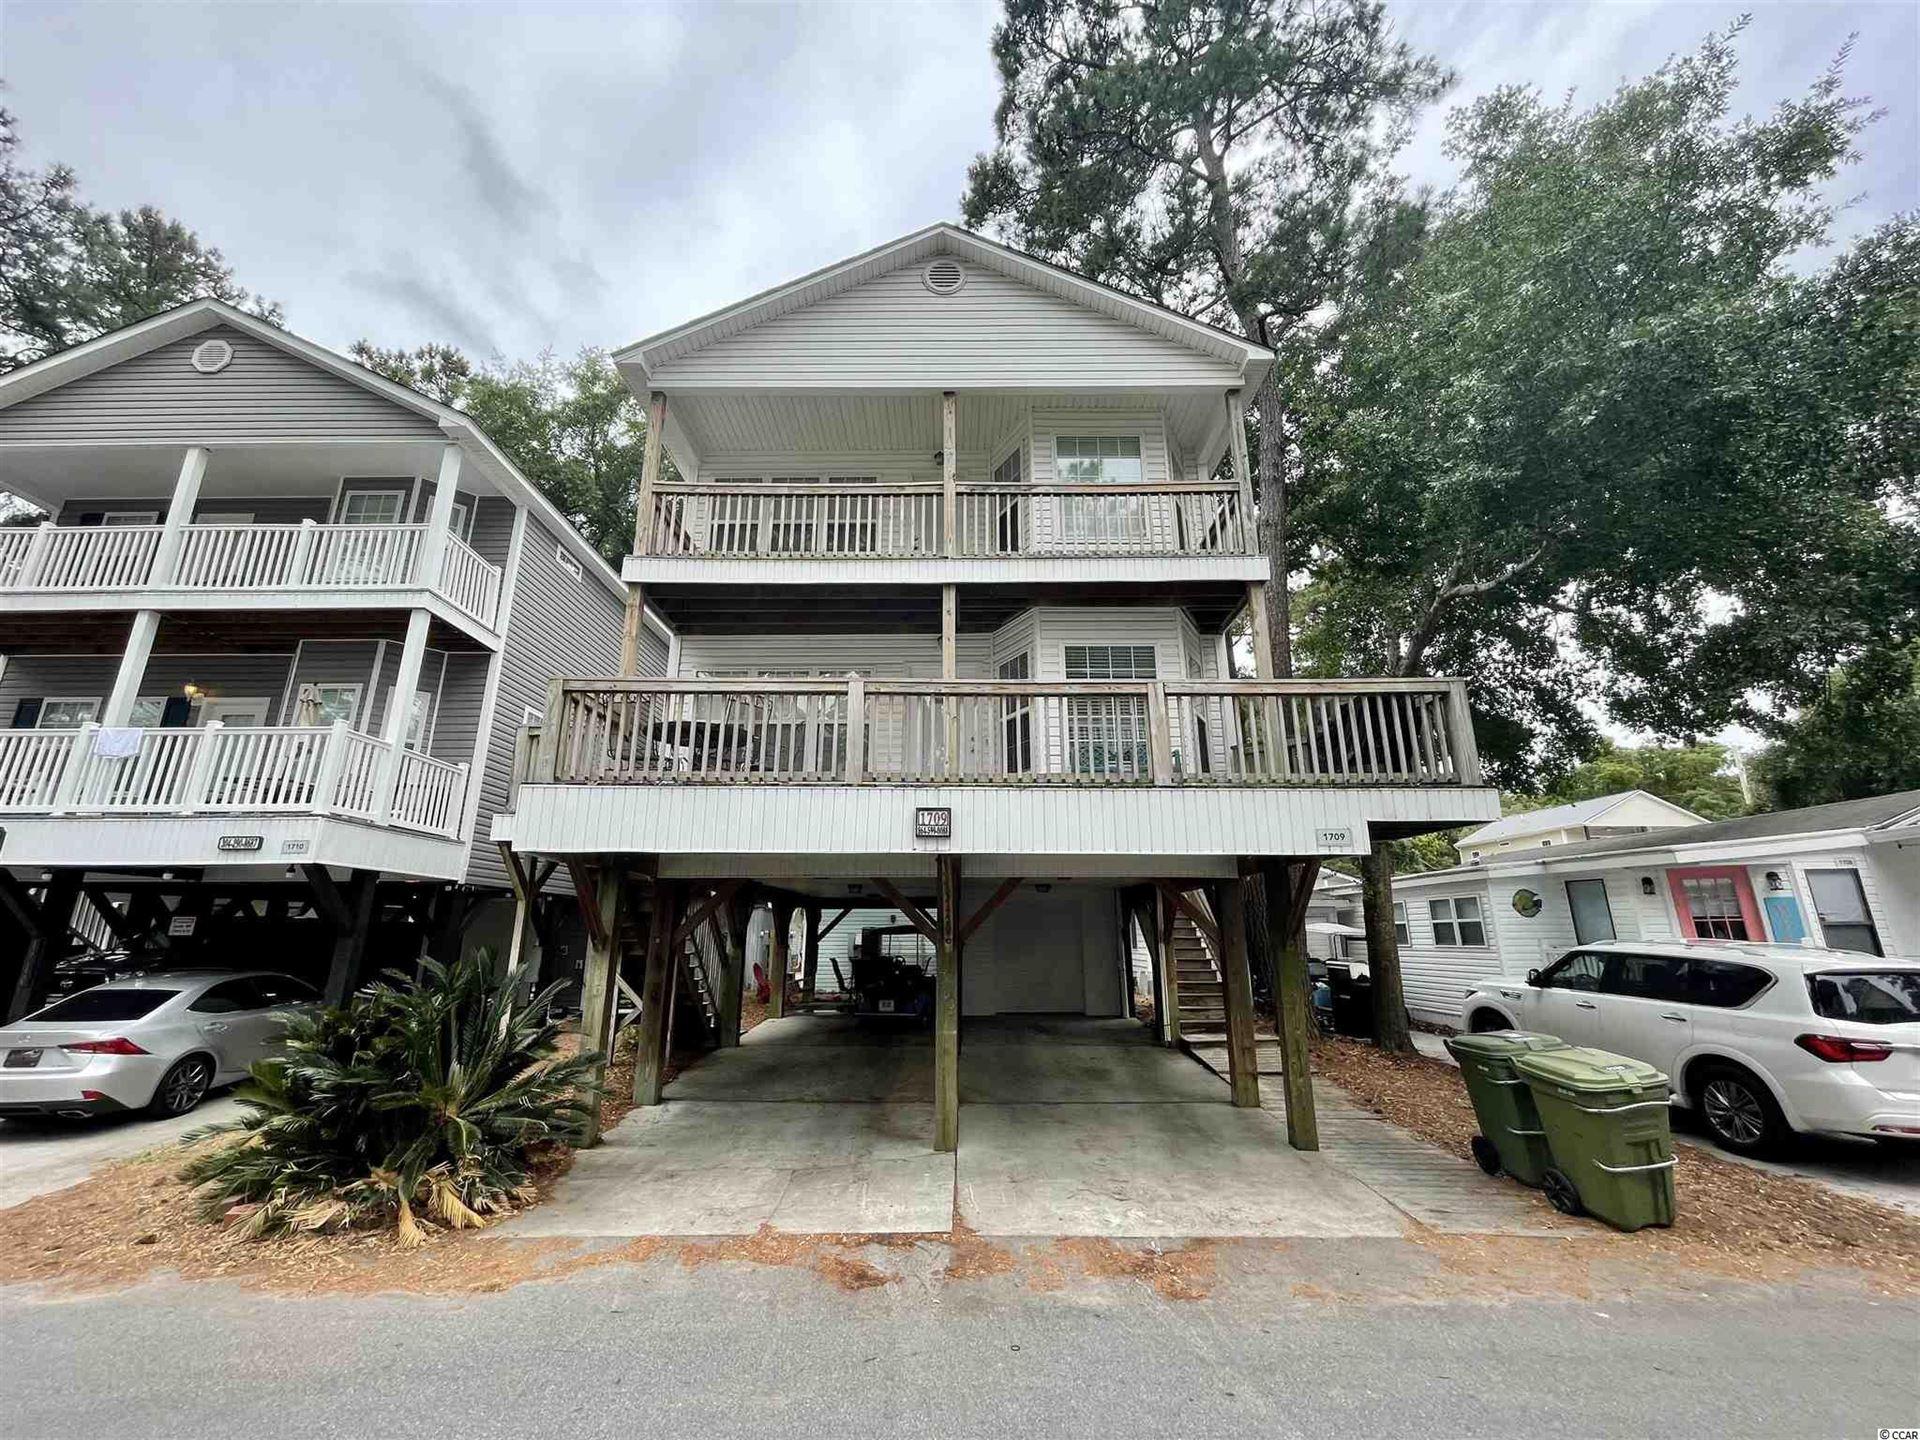 6001 - 1709 S Kings Hwy., Myrtle Beach, SC 29575 - MLS#: 2112114